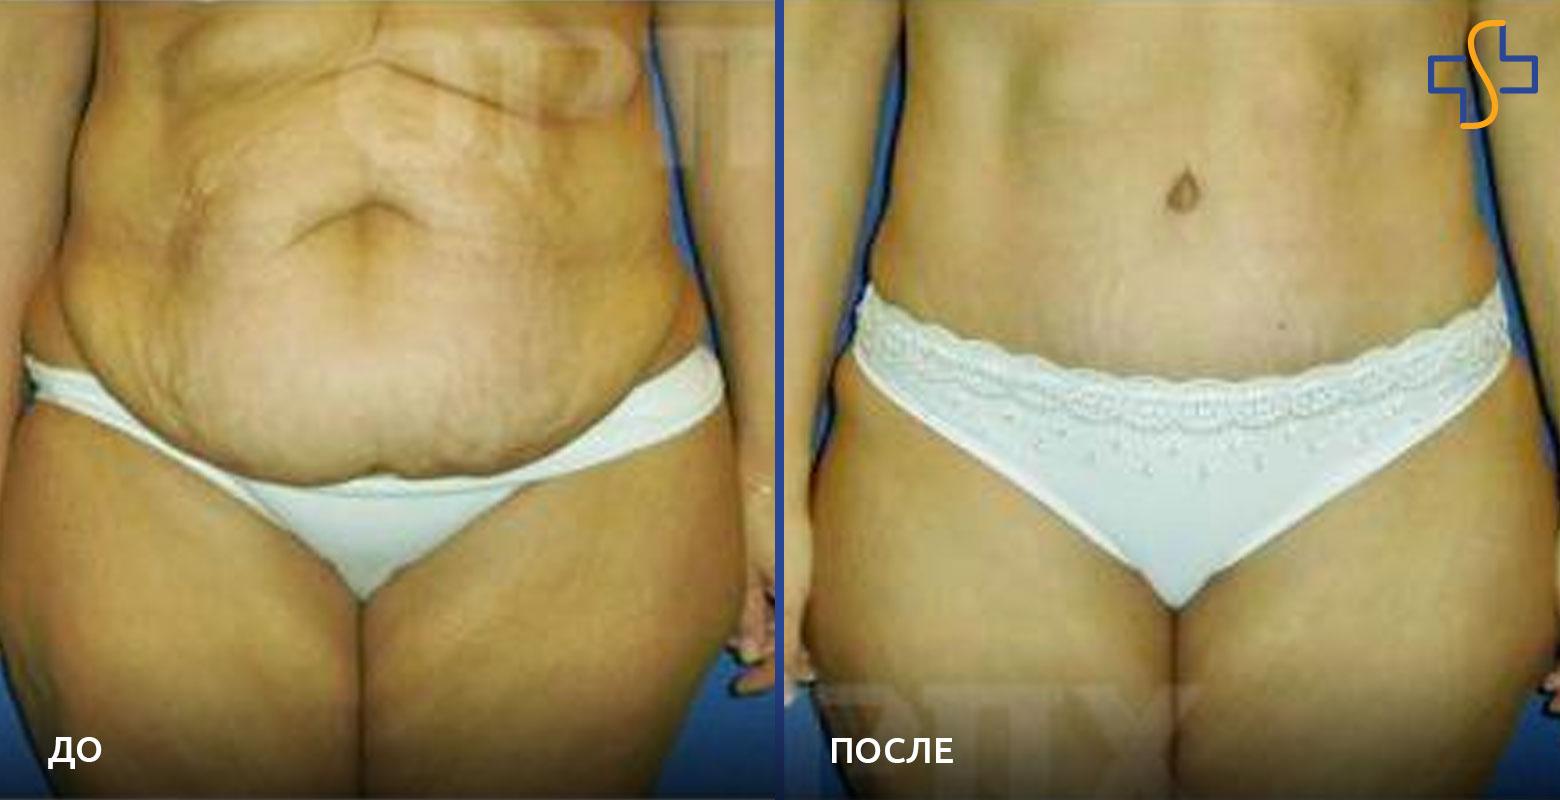 Абдоминопластика живота. что это за операция, как делается, фото до и после, показания и противопоказания, последствия